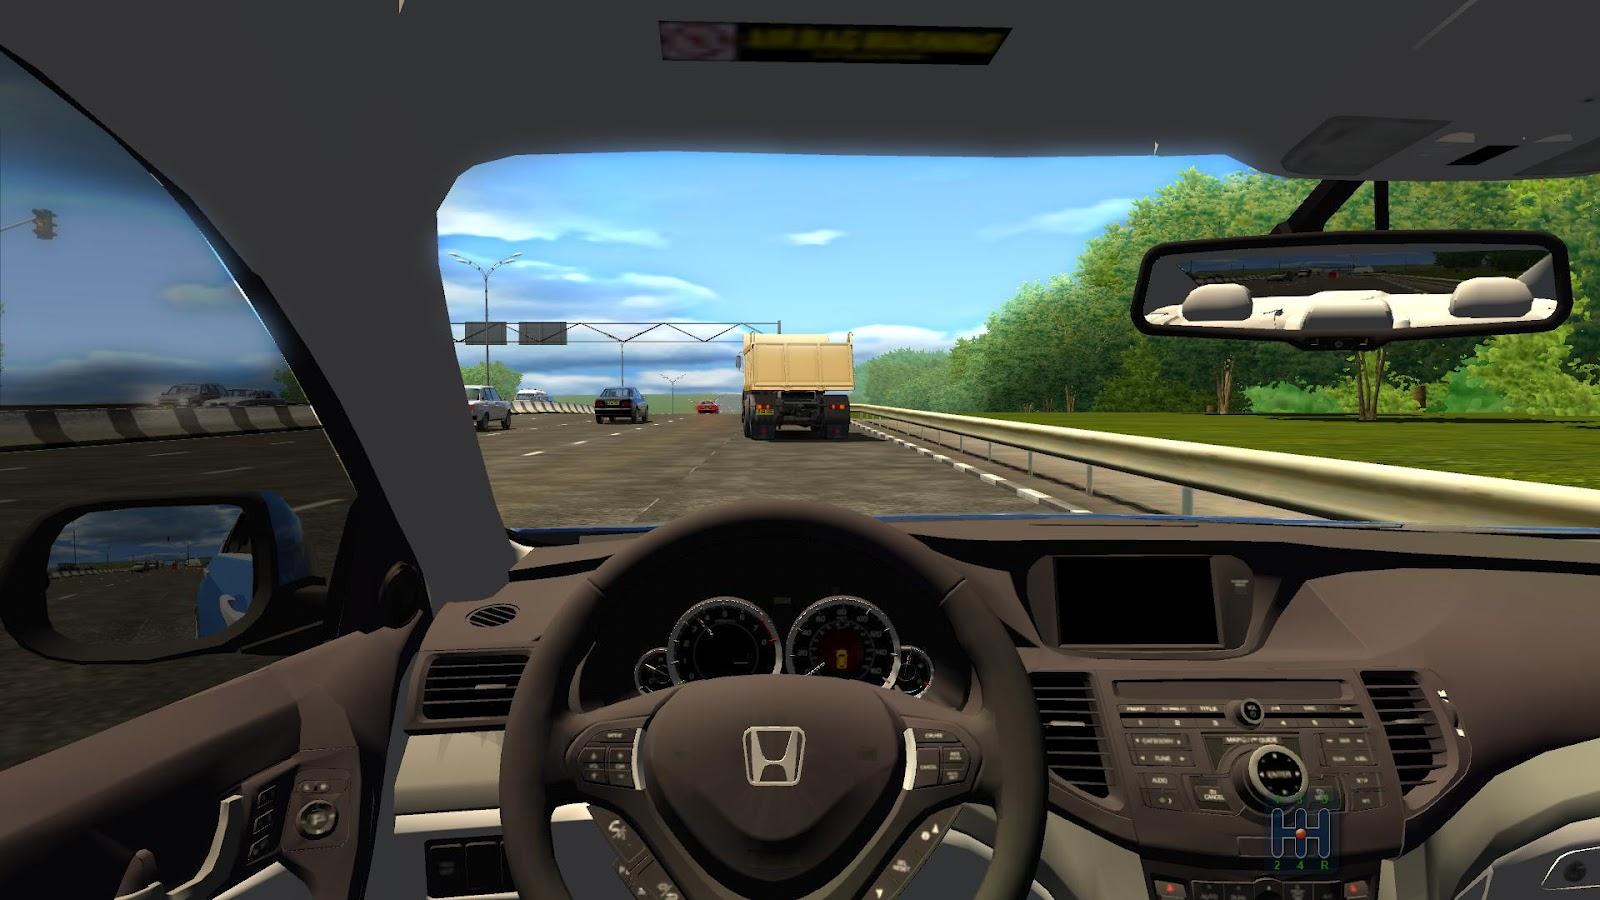 Car Simulator Games Free No Download